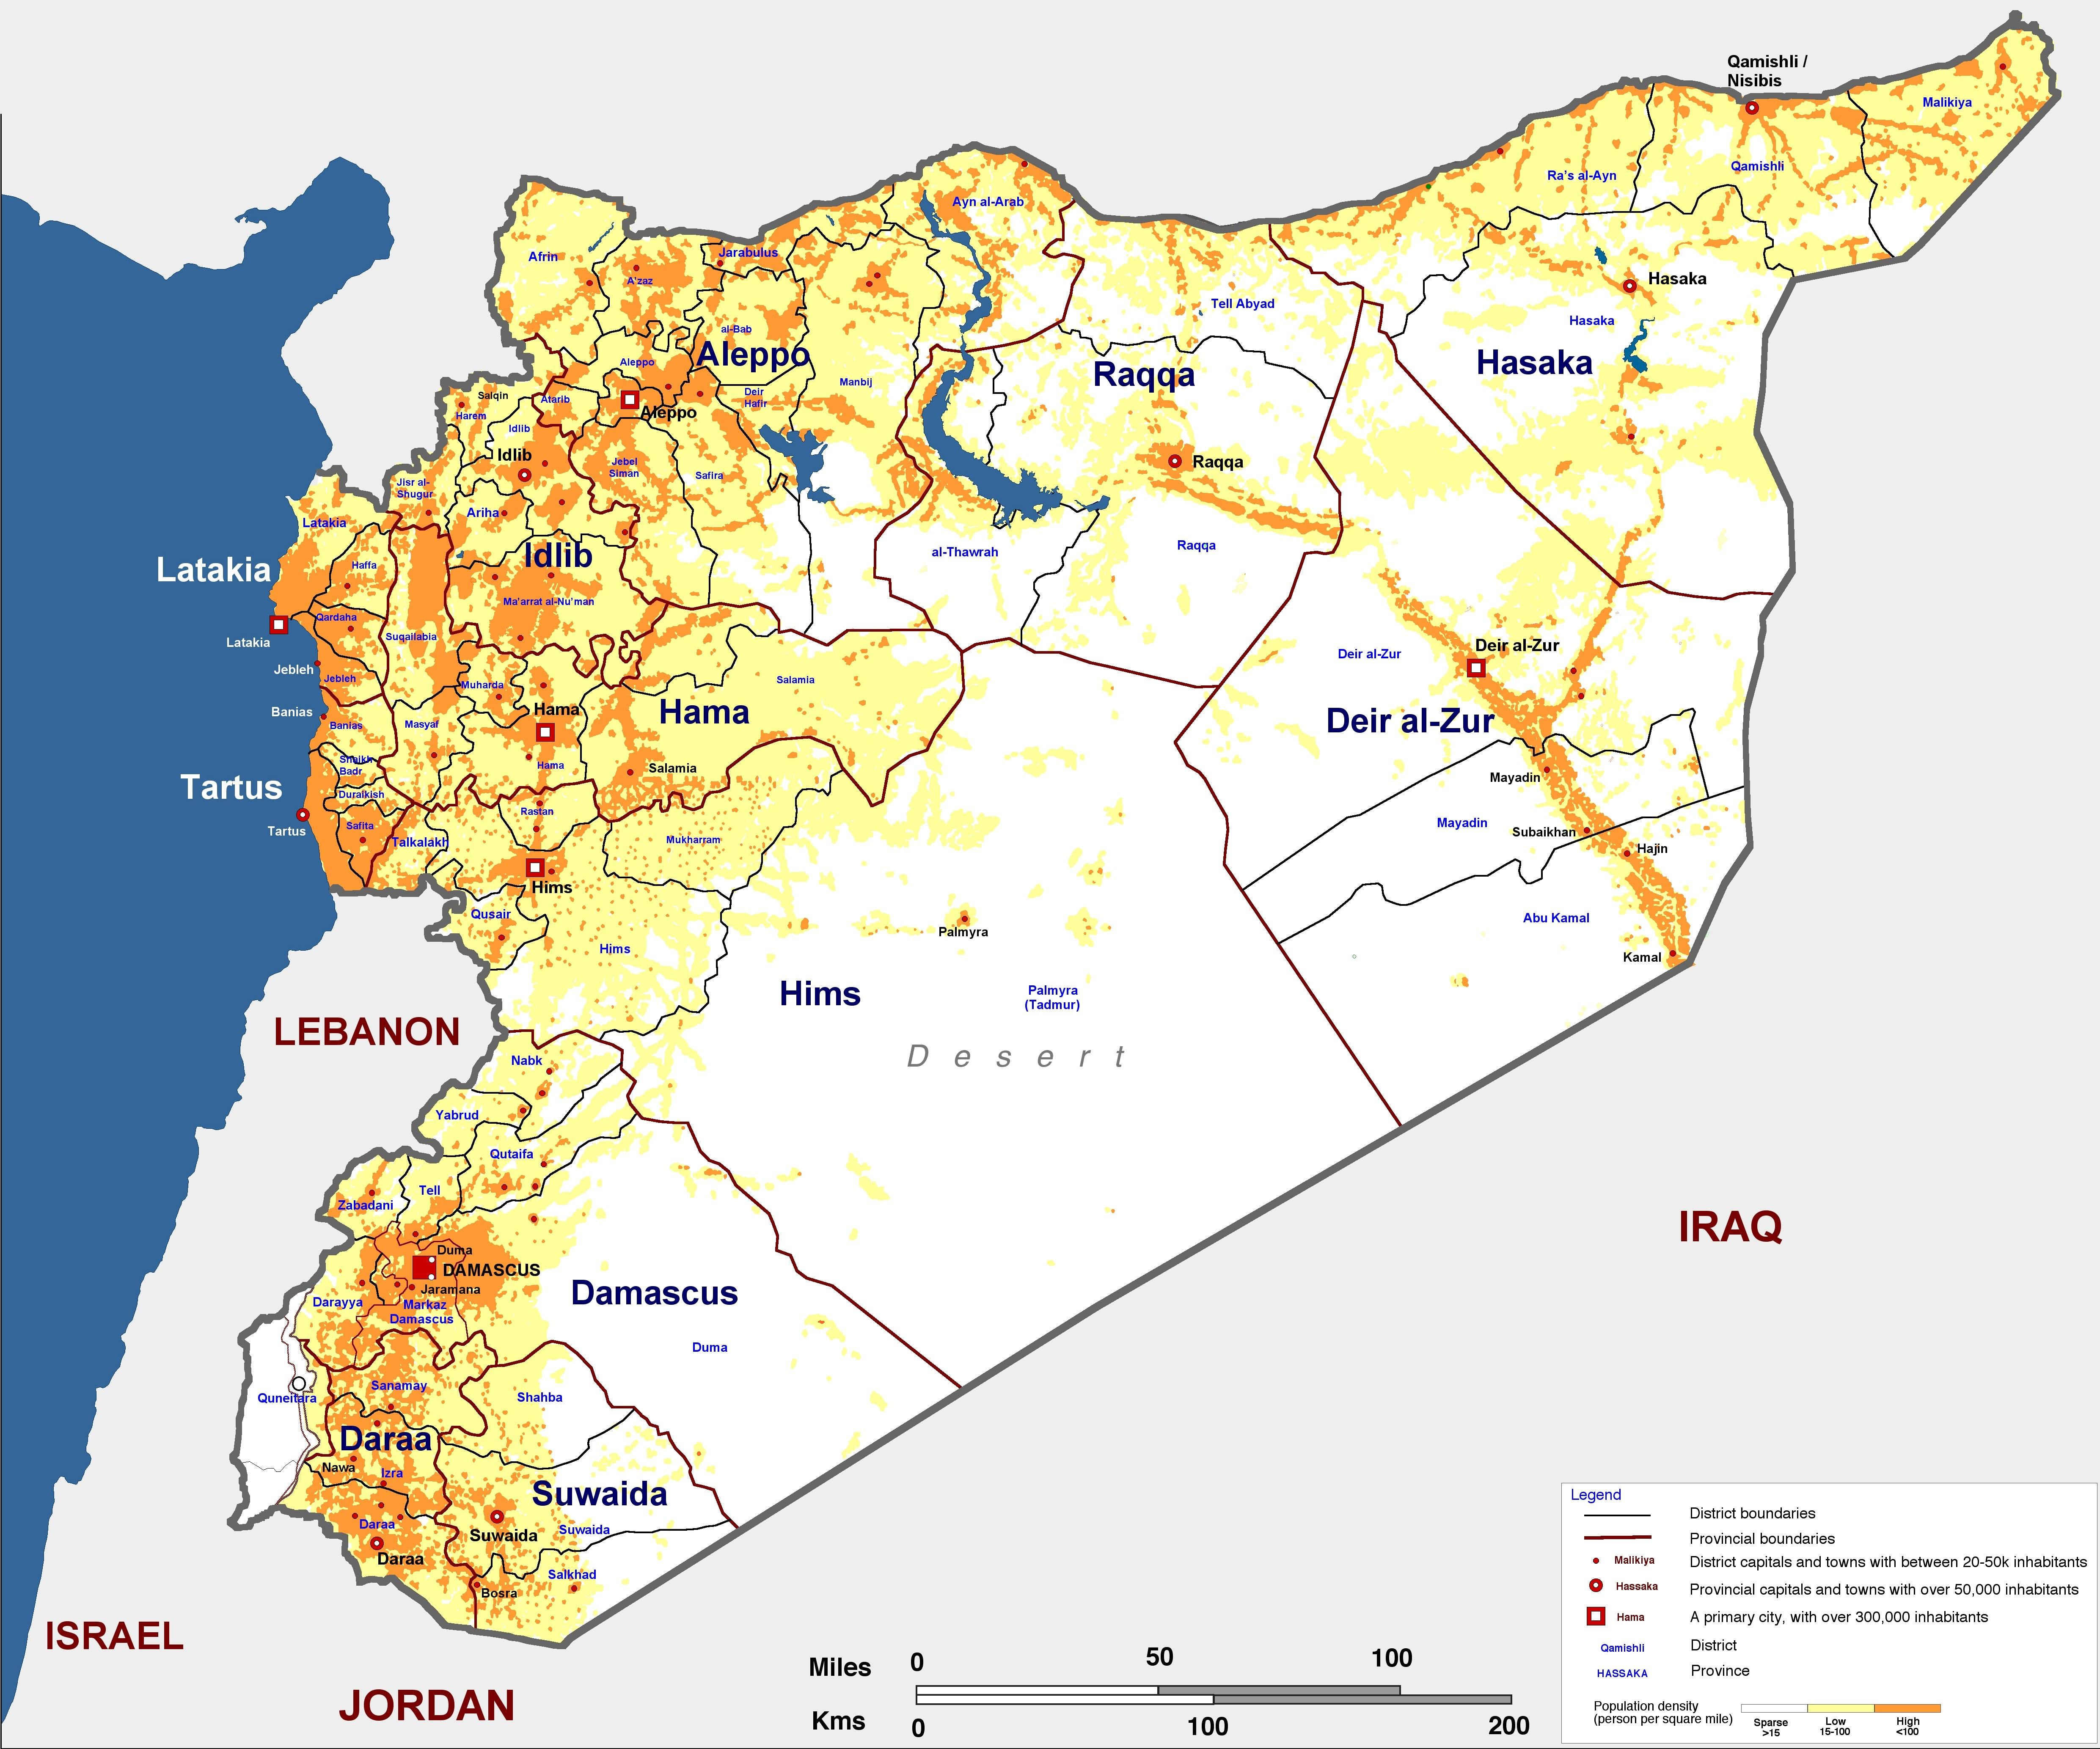 Podrobnaya Politicheskaya Karta Sirii Na Russkom Yazyke S Gorodami